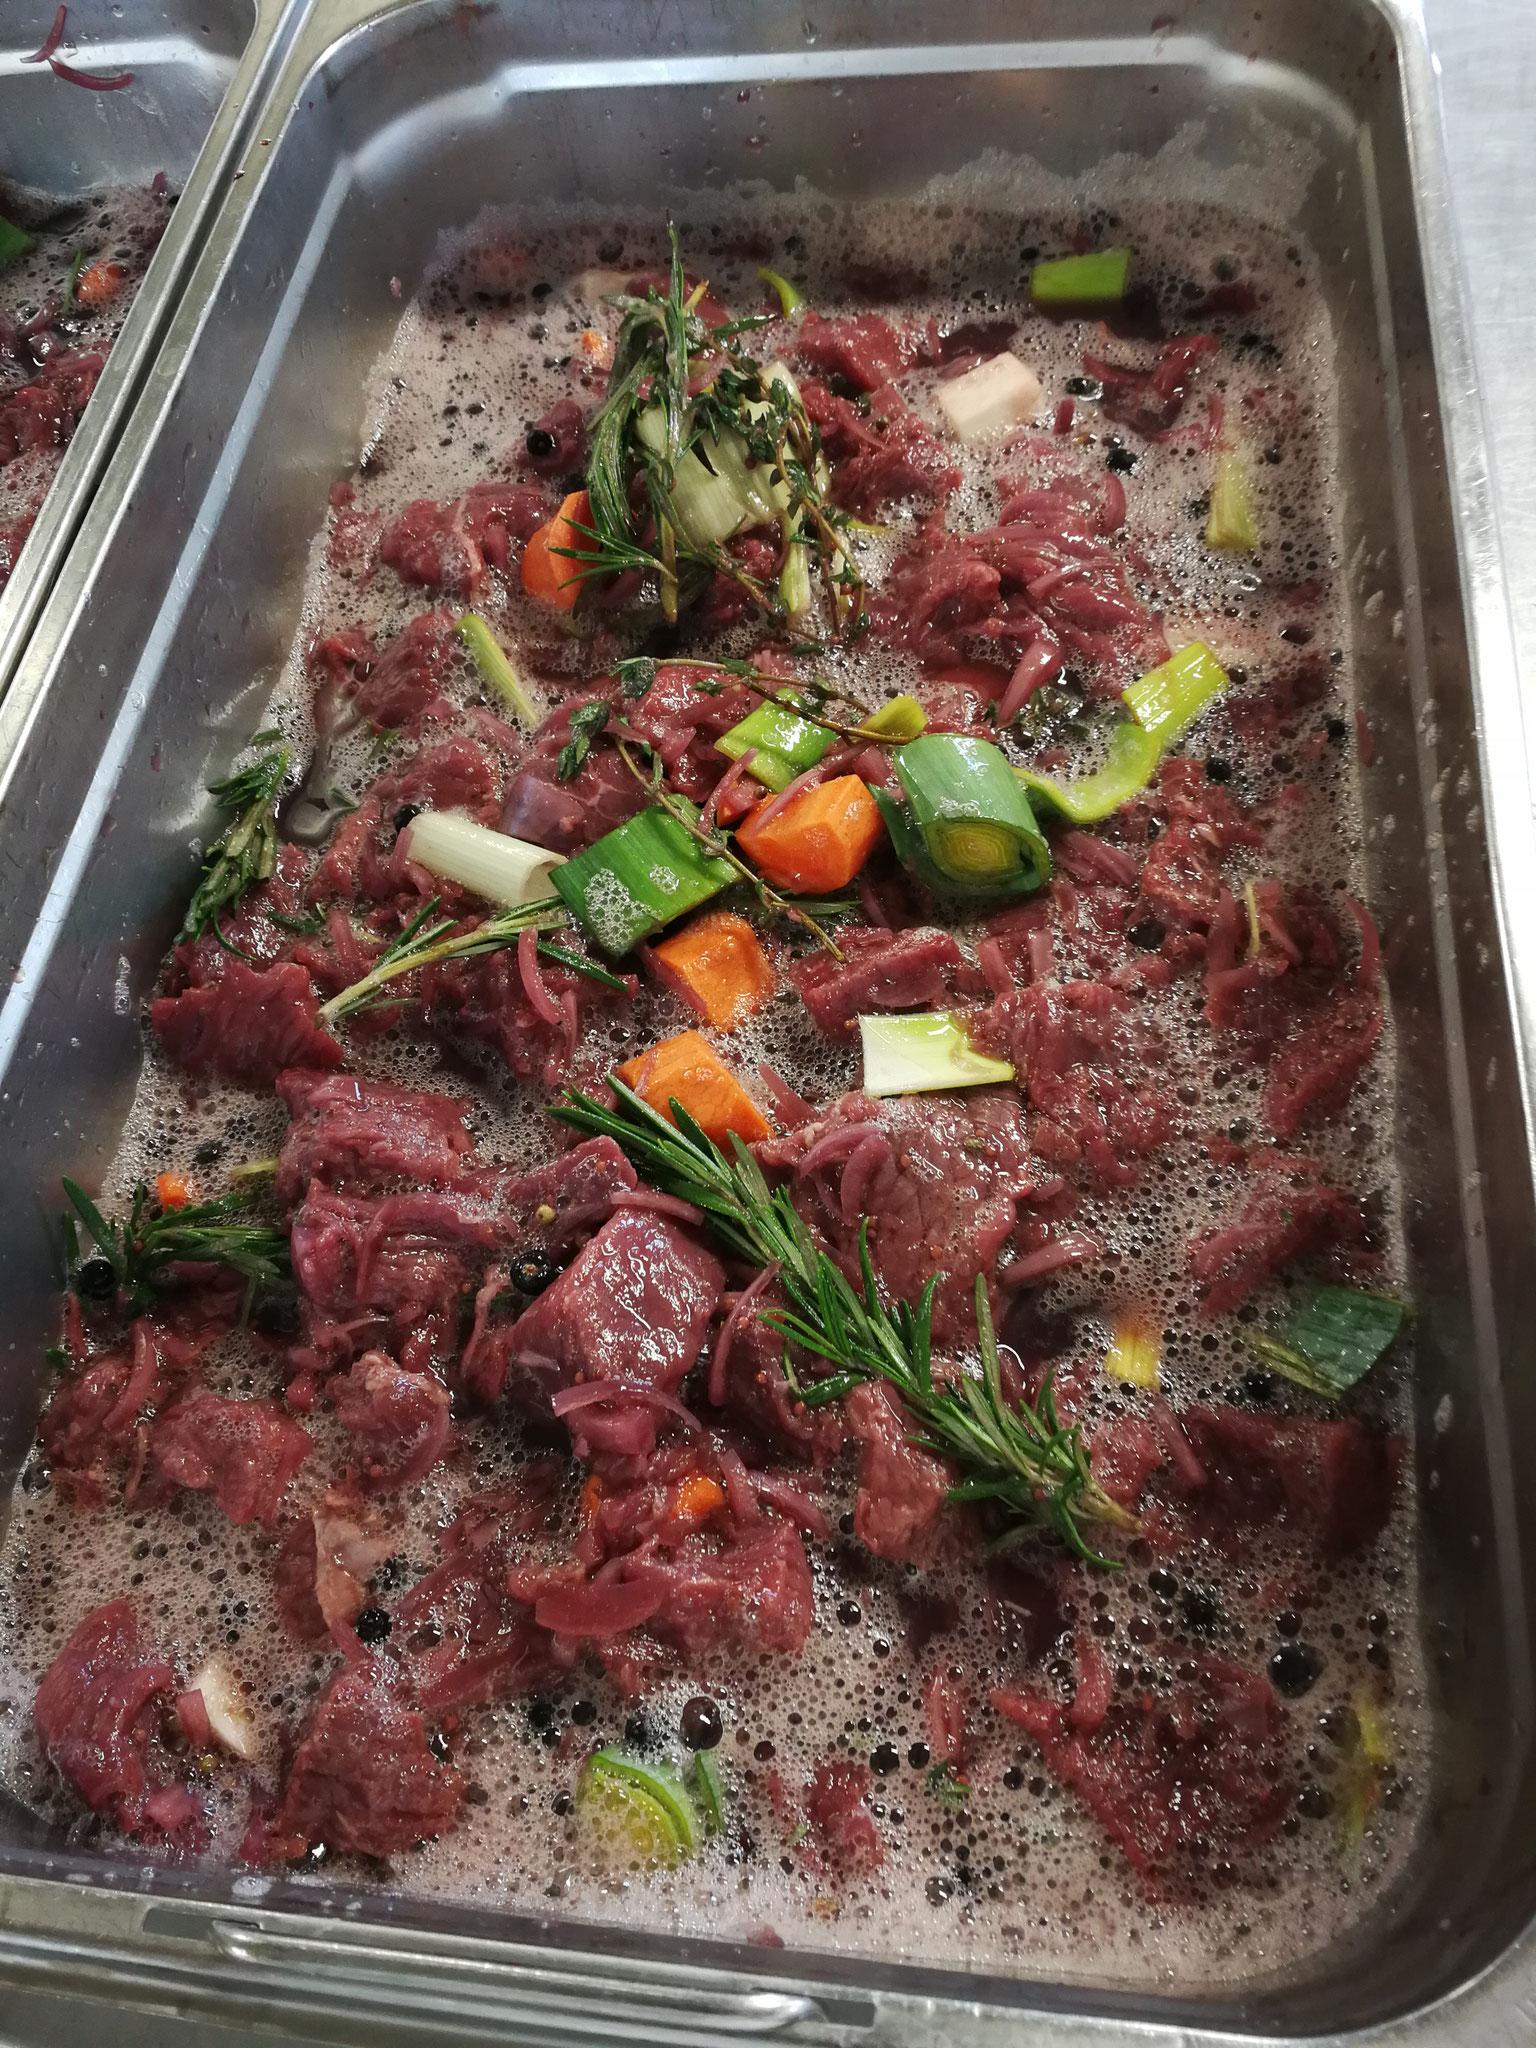 Fleisch welches ca. 7 Tage gebeizt wird für die Weiterverarbeitung